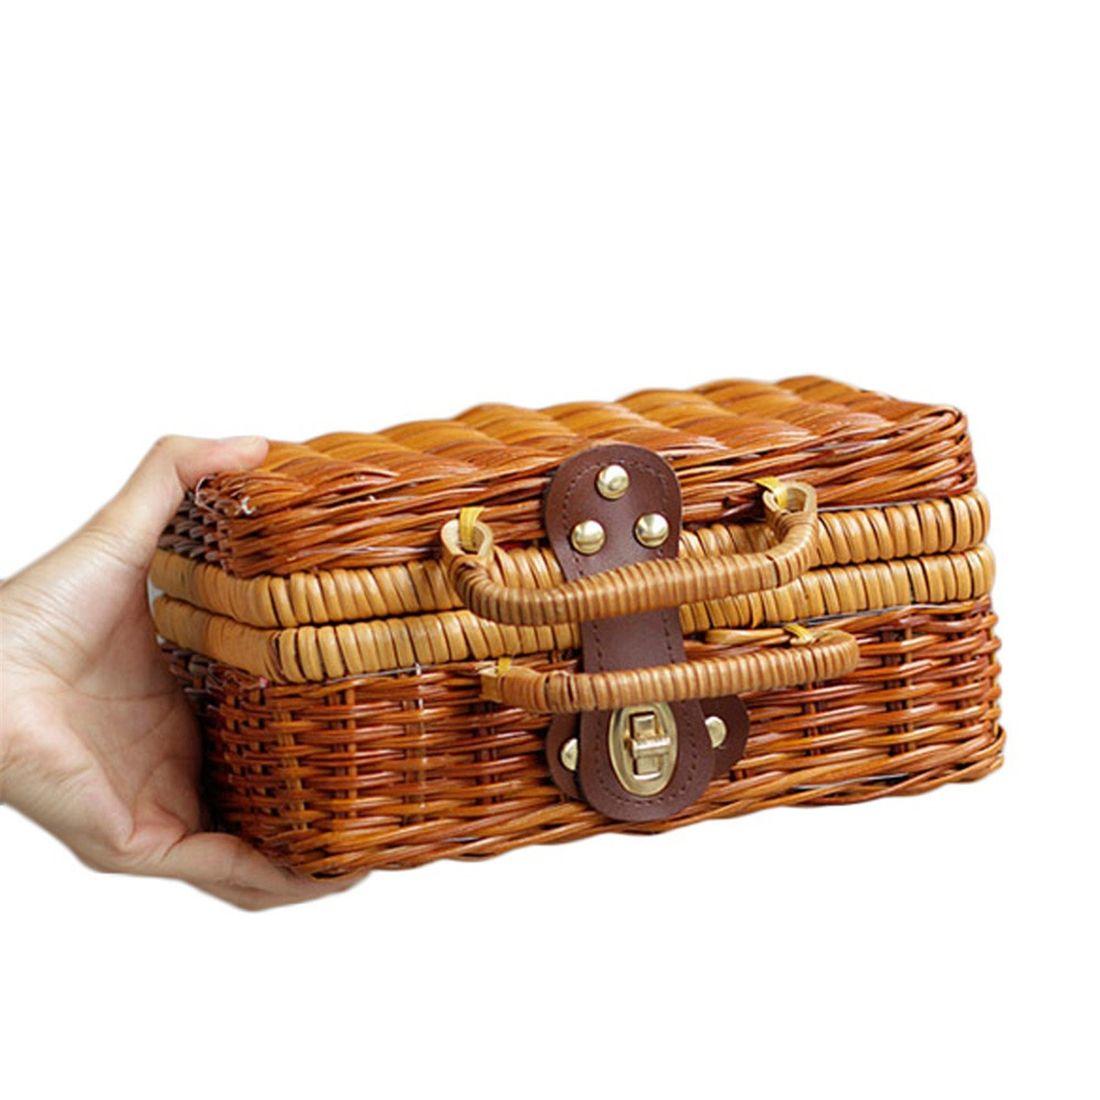 Женские сумки и кошельки Чистая рука г-жи кантон г-жи Куш китайская литература искусство винтажной корзины бамбука путешествия в сумке для хранения реквизит (Фото 3)